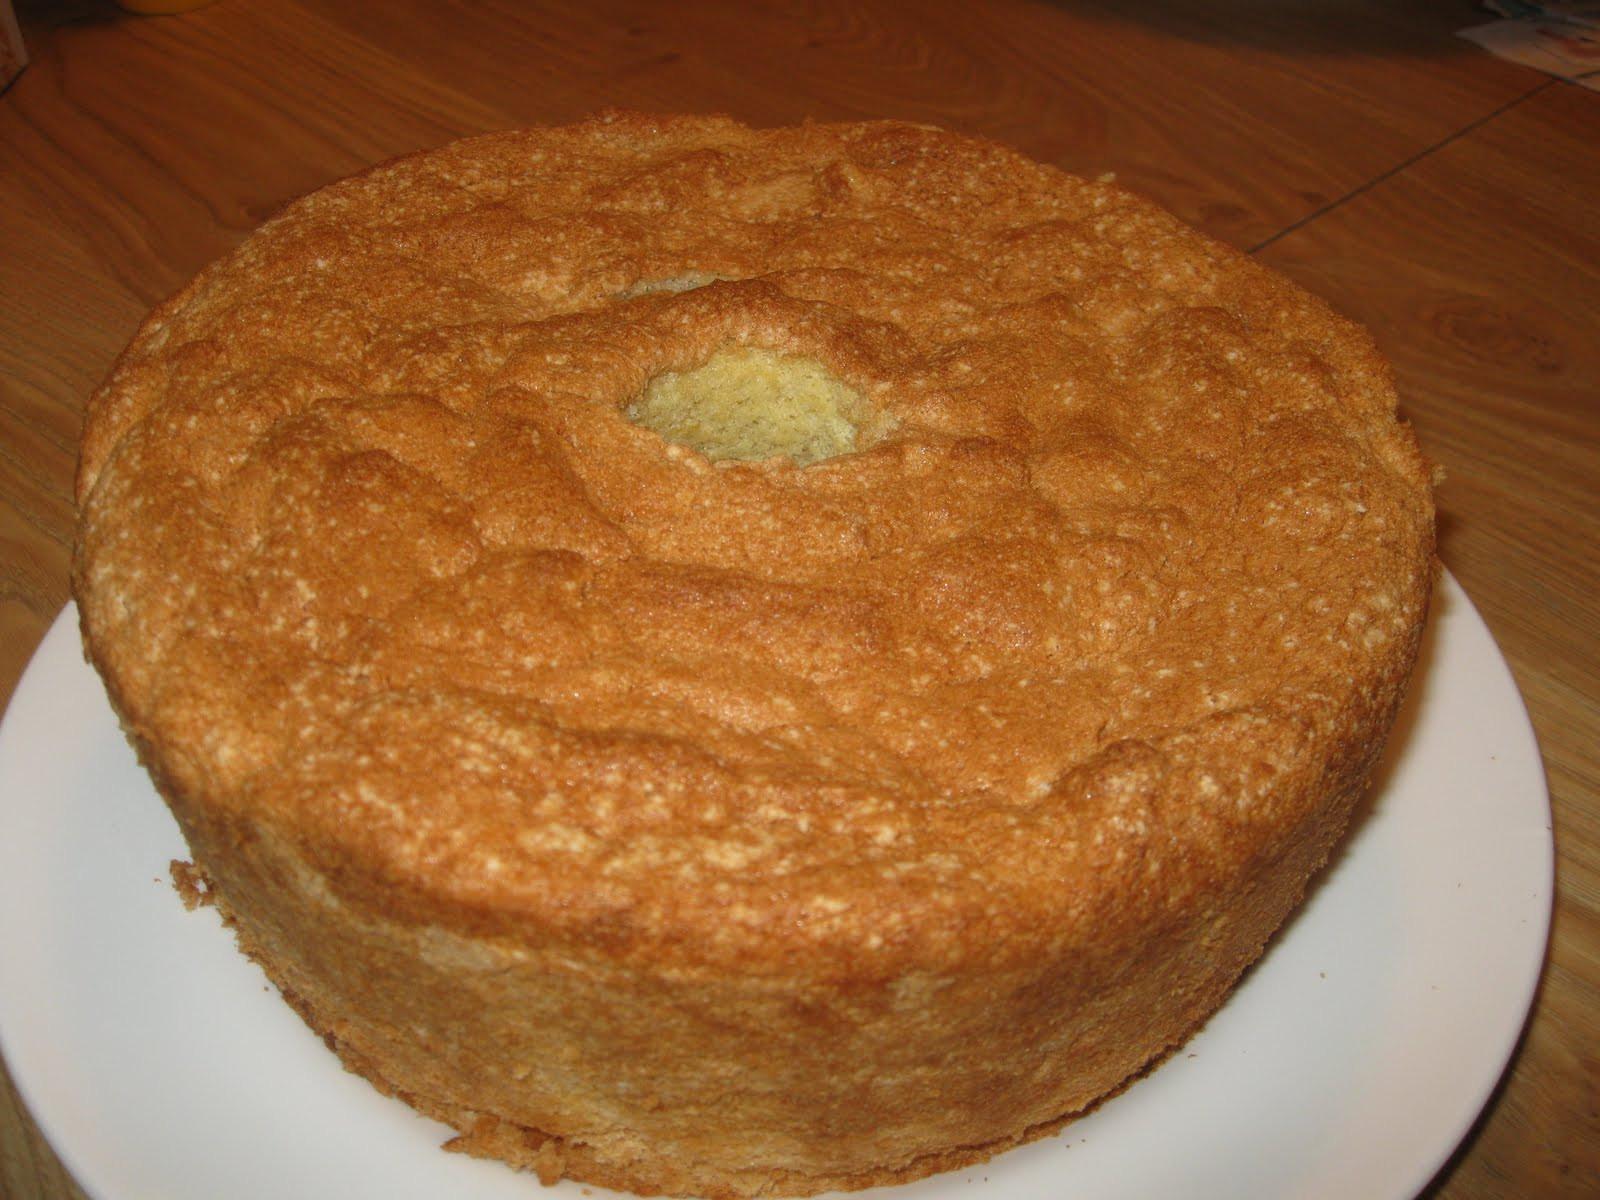 Sponge Cake Recipe From Scratch  Nana s Recipe Box Grandma Sylvia s Passover Sponge Cake